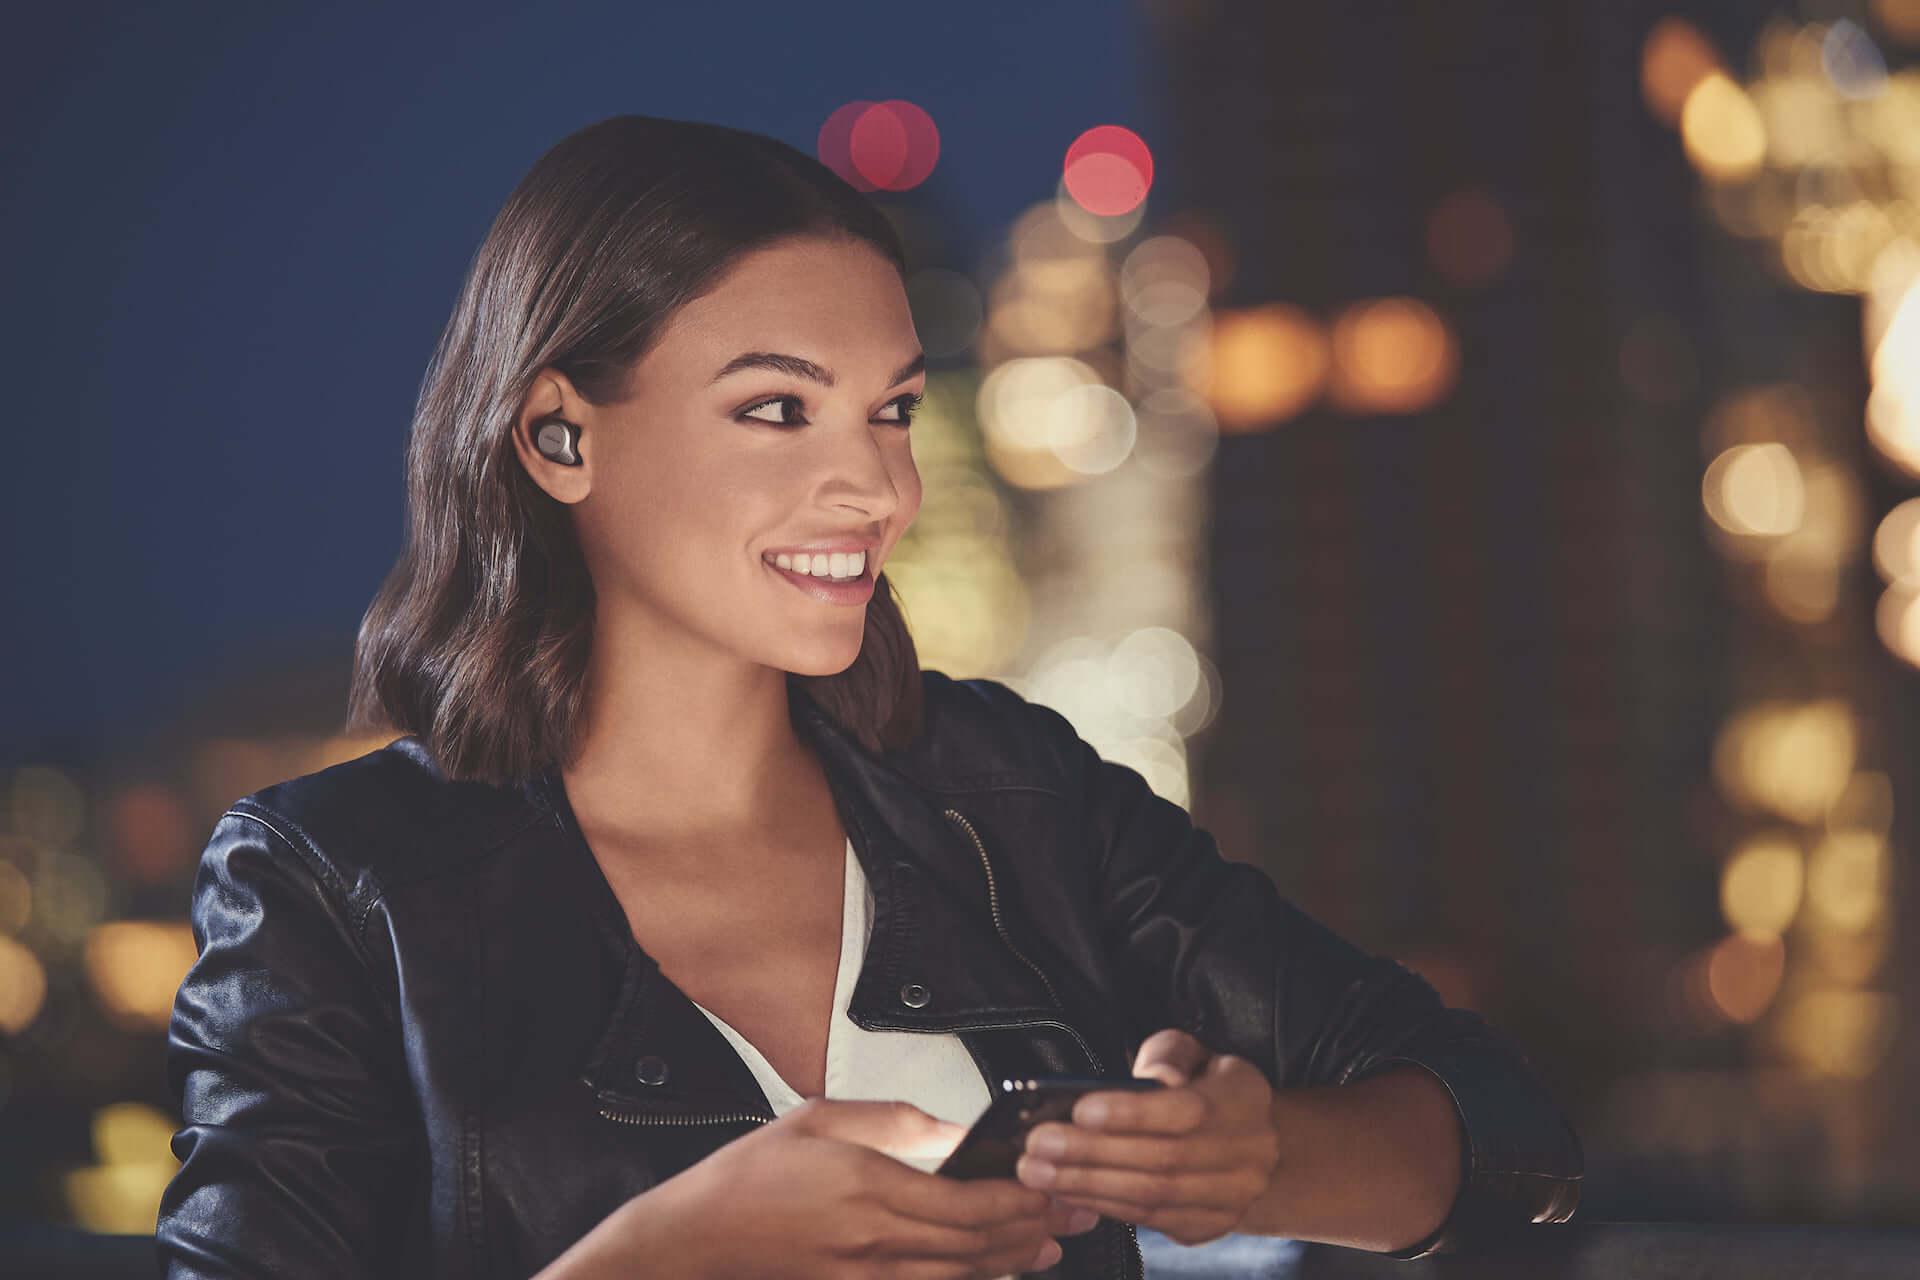 バッテリー持続時間が驚異の7.5時間!第4世代の完全ワイヤレスイヤホン「Elite 75t」が登場 tech190906_jabra_earphone_7-1920x1280